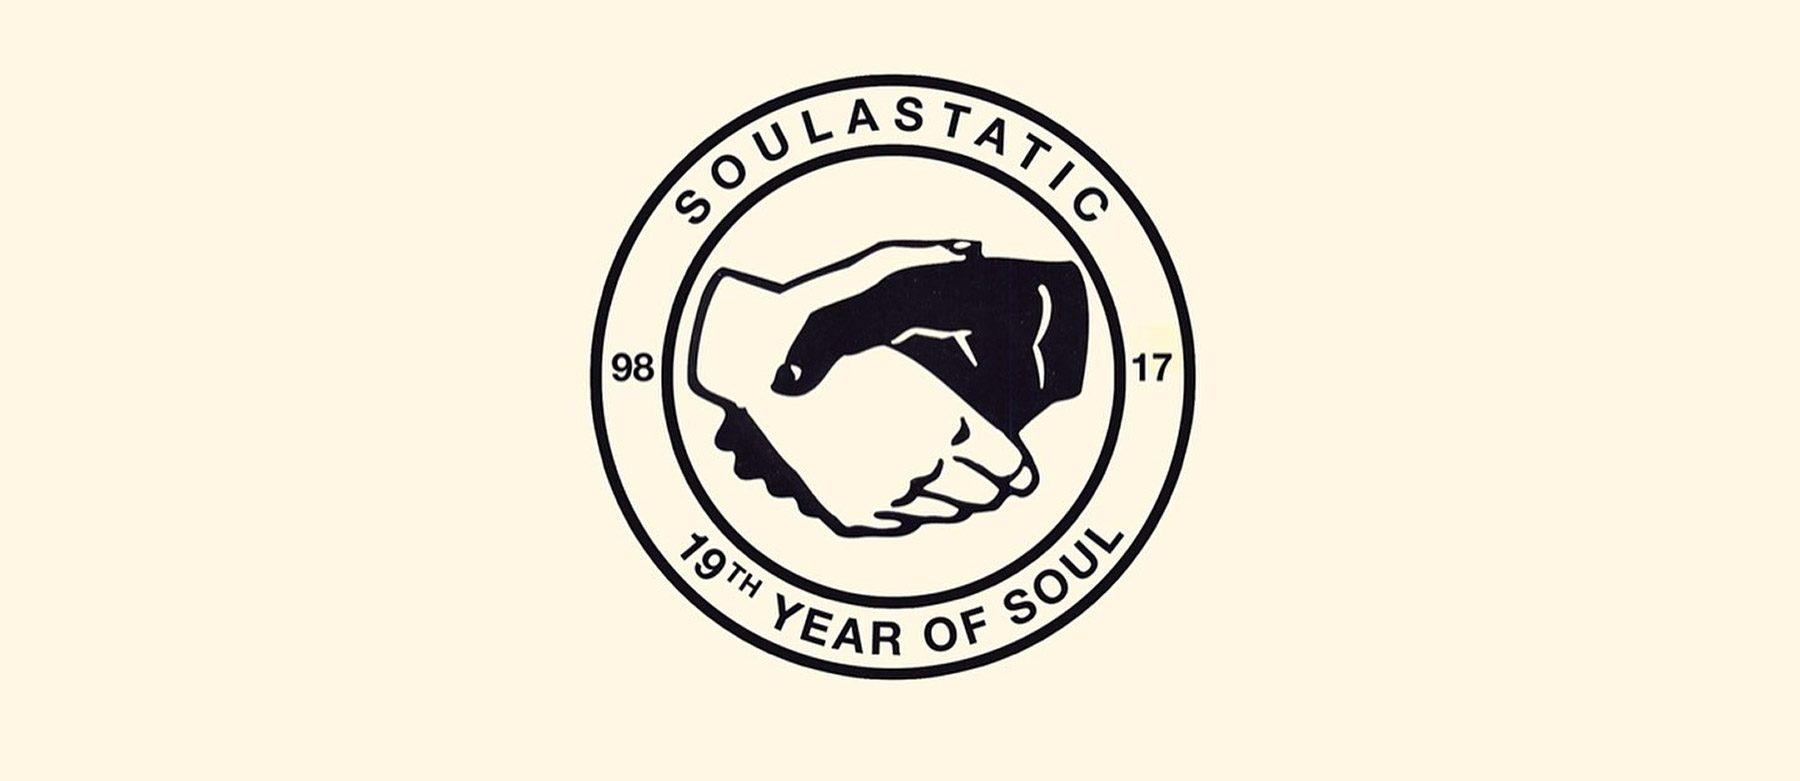 Soulastatic